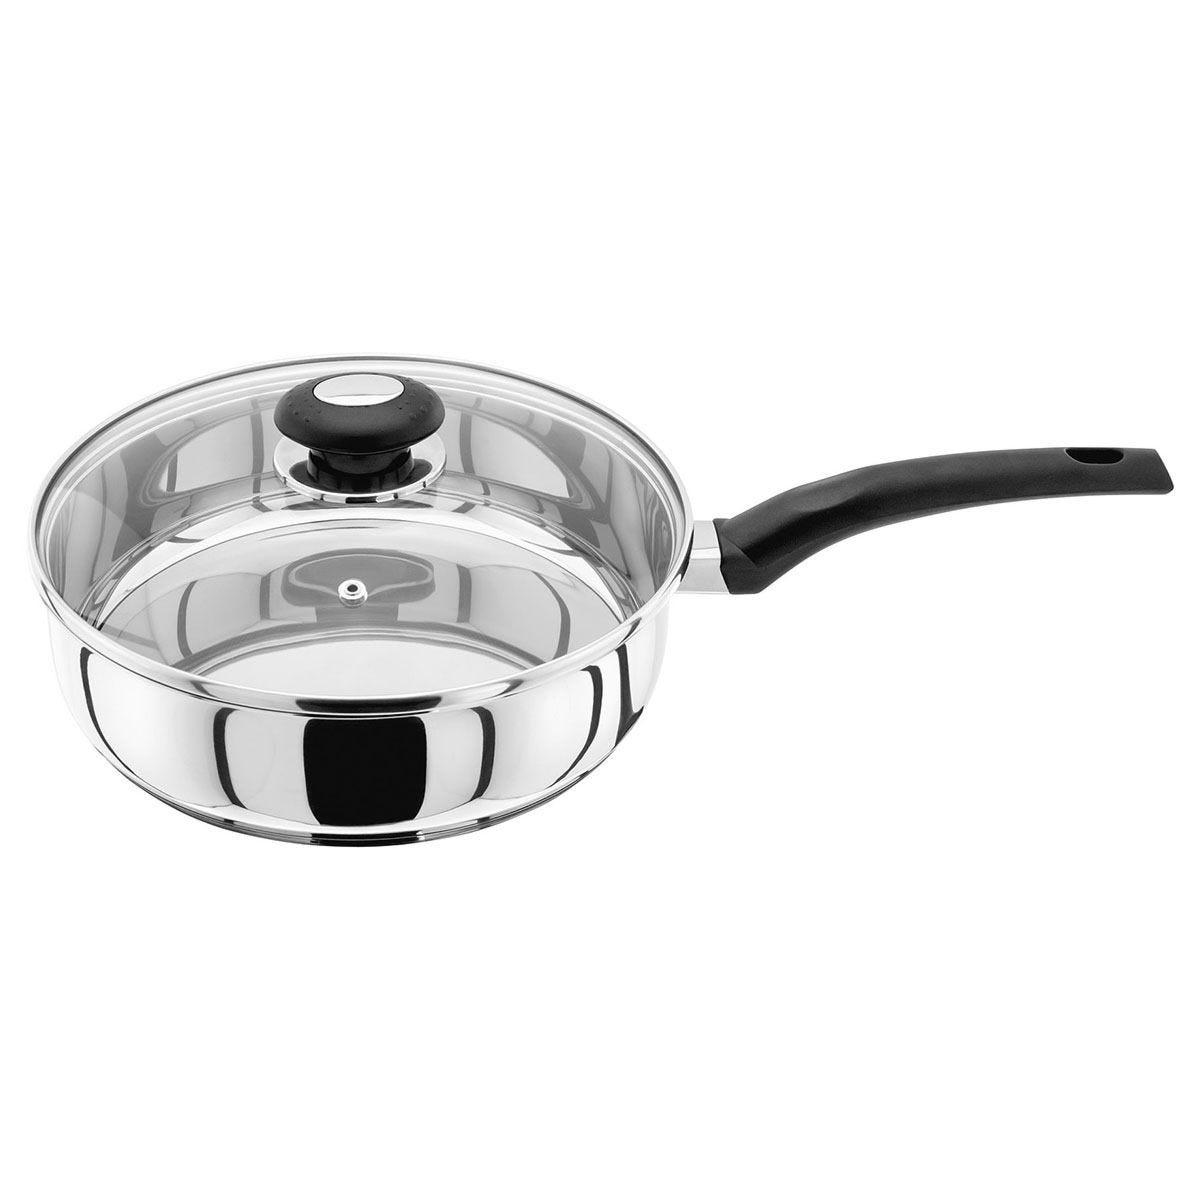 Judge Essentials 24cm Covered Saute Pan